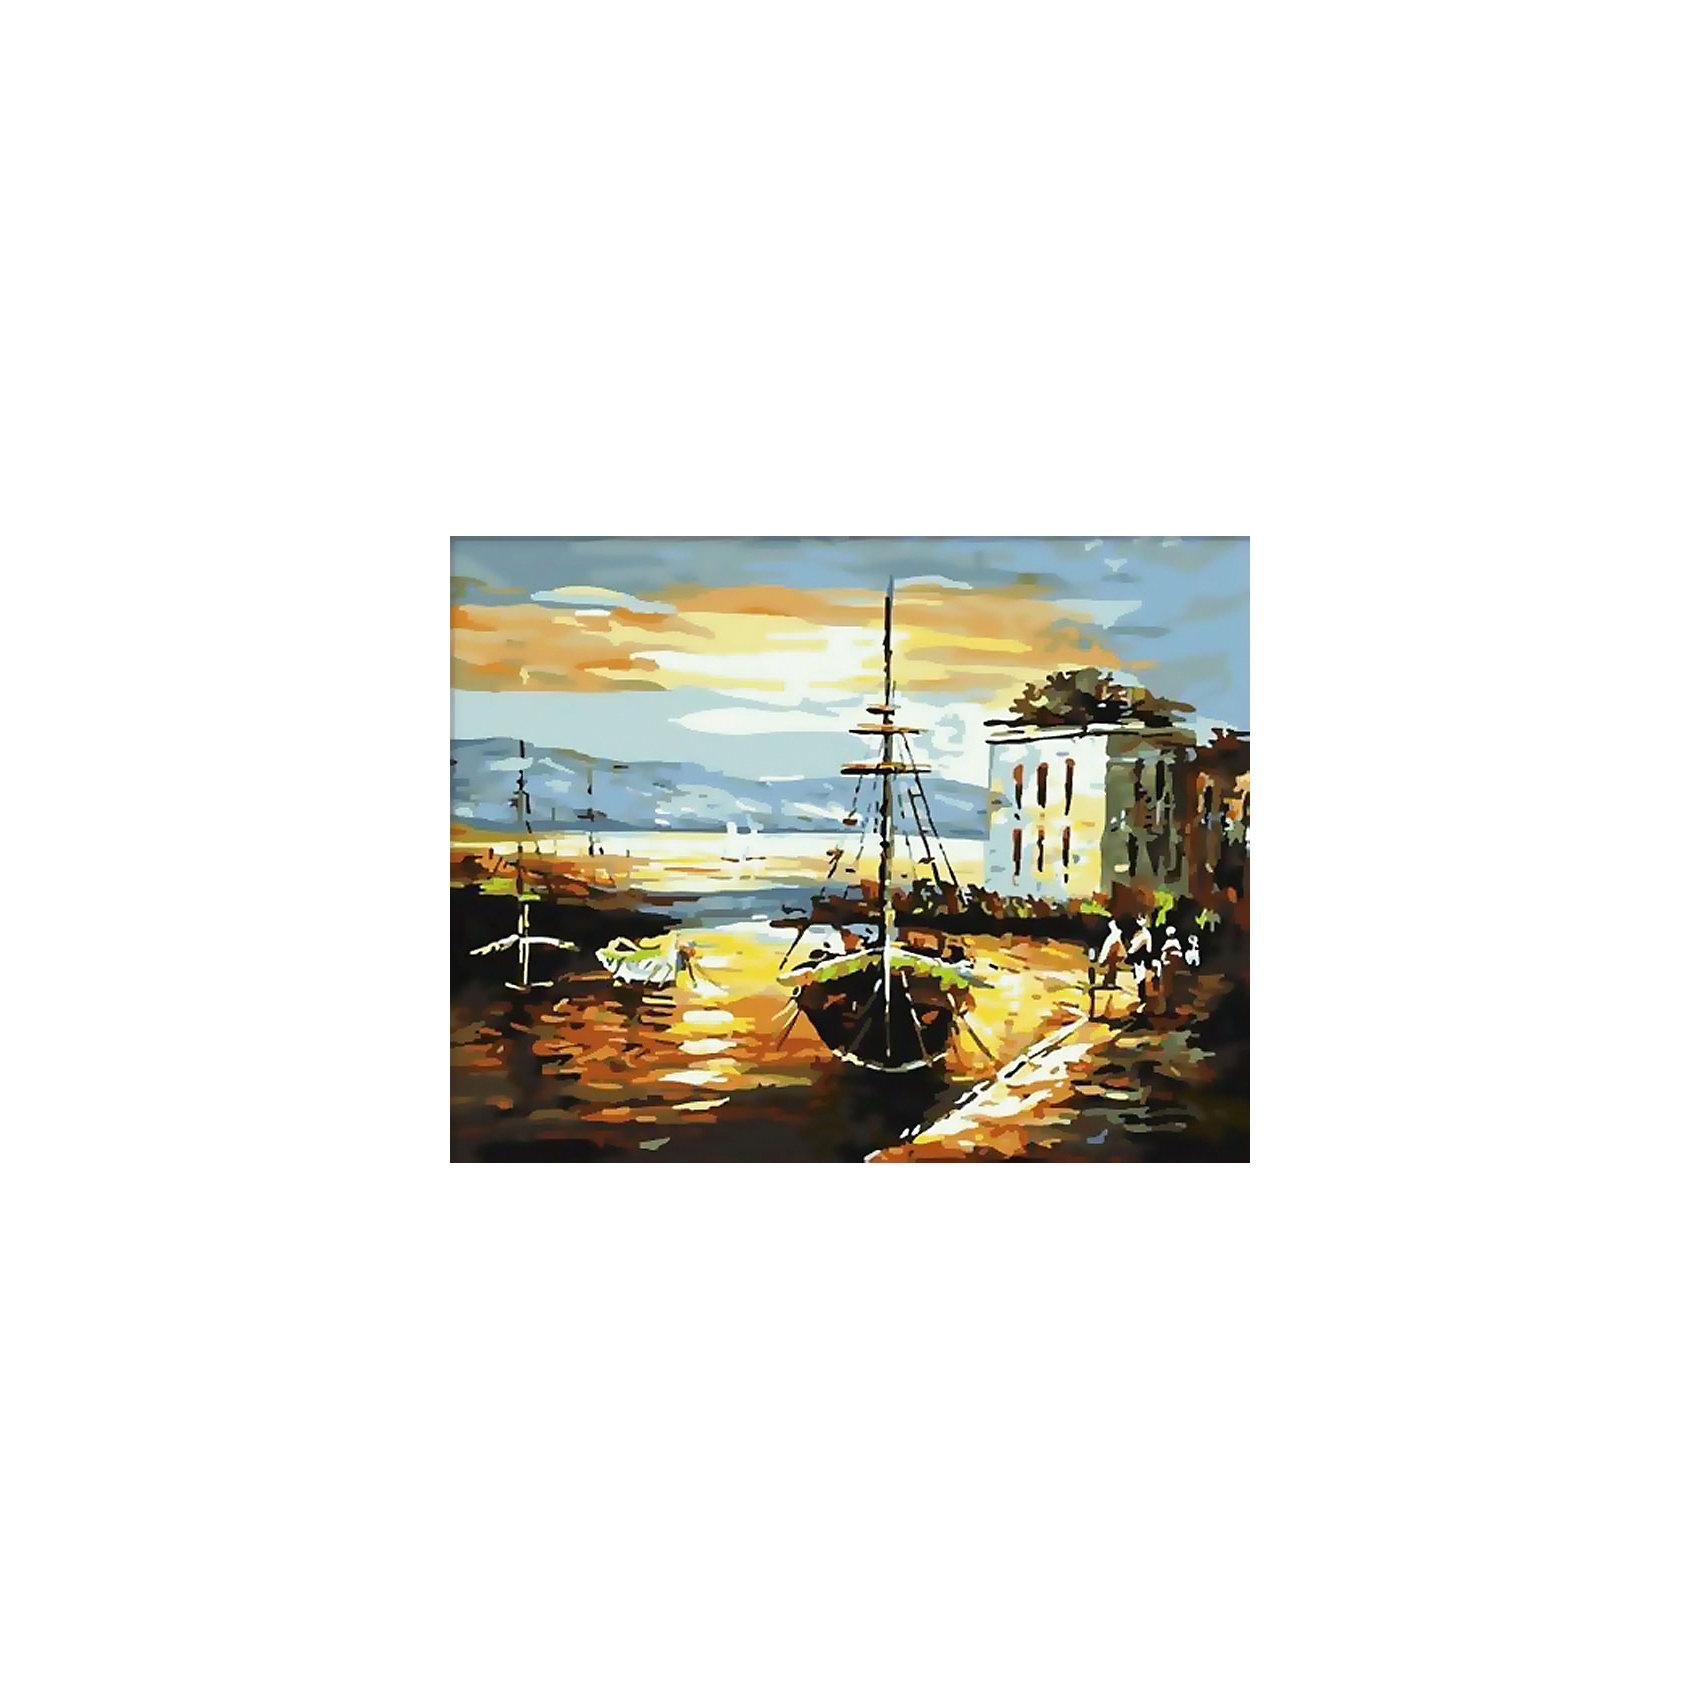 Живопись на холсте 40*50 см Рыбацкий баркасРаскраски по номерам<br>Характеристики товара:<br><br>• цвет: разноцветный<br>• материал: акрил, картон<br>• размер: 50 x 40 см<br>• комплектация: полотно на подрамнике с контурами рисунка, пробный лист с рисунком, набор акриловых красок, три кисти, крепление на стену для картины<br>• для детей от шести лет и взрослых<br>• не требует специальных навыков<br>• страна бренда: Китай<br>• страна изготовитель: Китай<br><br>Такой набор станет отличным подарком и для взрослого, и для ребенка! Рисование помогает развить различные навыки и просто приносит удовольствие! Чтобы вселить в ребенка уверенность в своих силах, можно предложить ему этот набор - в нем уже есть сюжет, контуры рисунка и участки с номерами, которые обозначают определенную краску из набора. Все оттенки уже готовы, задача художника - аккуратно, с помощью кисточек из набора, нанести краски на определенный участок полотна.<br>Взрослым также понравится этот процесс, рисовать можно и вместе с малышом! В итоге получается красивая картина, которой можно украсить интерьер. Рисование способствует развитию мелкой моторики, воображения, цветовосприятия, творческих способностей и усидчивости. Набор отлично проработан, сделан из качественных и проверенных материалов, которые безопасны для детей. Краски - акриловые, они быстро сохнут и легко смываются с кожи.<br><br>Живопись на холсте 40*50 см Рыбацкий баркас от торговой марки Белоснежка можно купить в нашем интернет-магазине.<br><br>Ширина мм: 510<br>Глубина мм: 410<br>Высота мм: 25<br>Вес г: 850<br>Возраст от месяцев: 72<br>Возраст до месяцев: 144<br>Пол: Унисекс<br>Возраст: Детский<br>SKU: 5089734